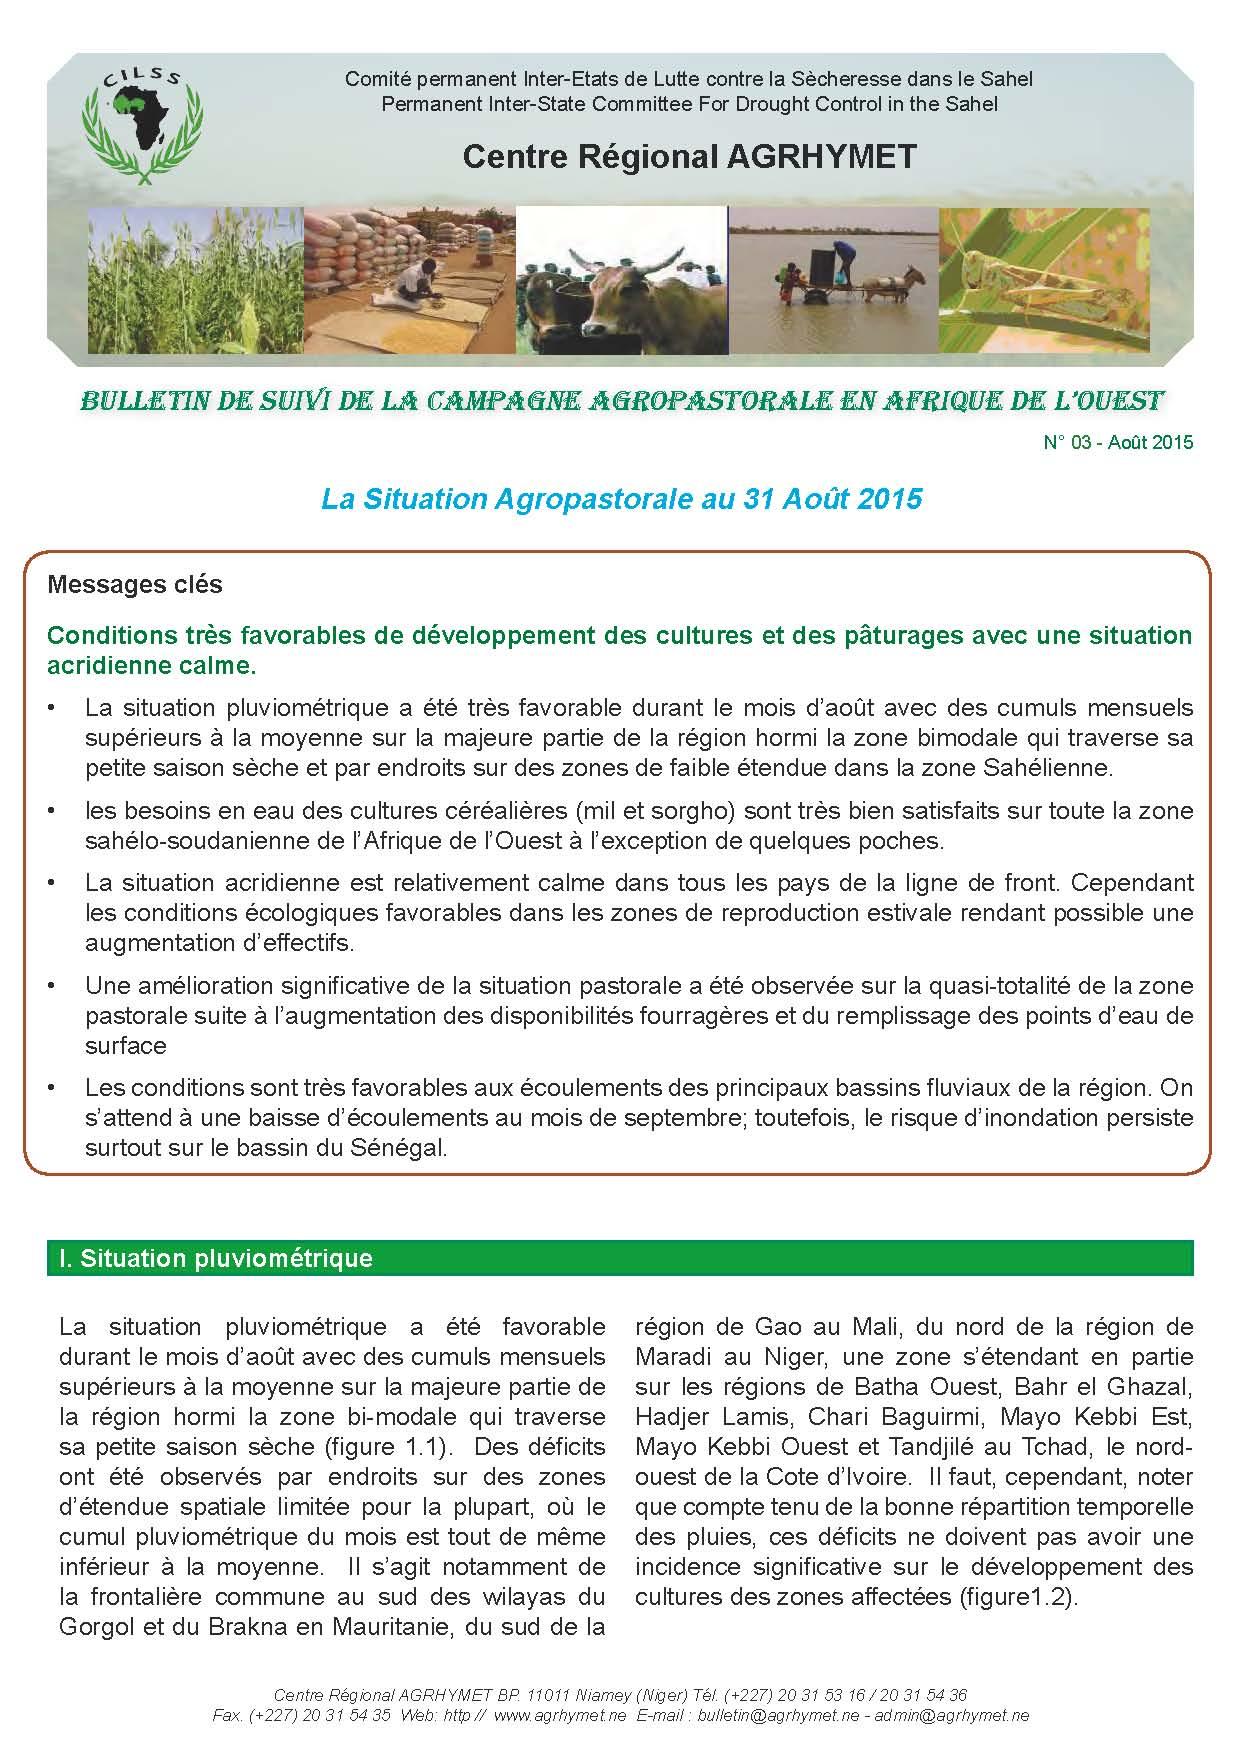 Bulletin Agrhymet de suivi de la campagne agropastorale en Afrique de l'Ouest - Août 2015